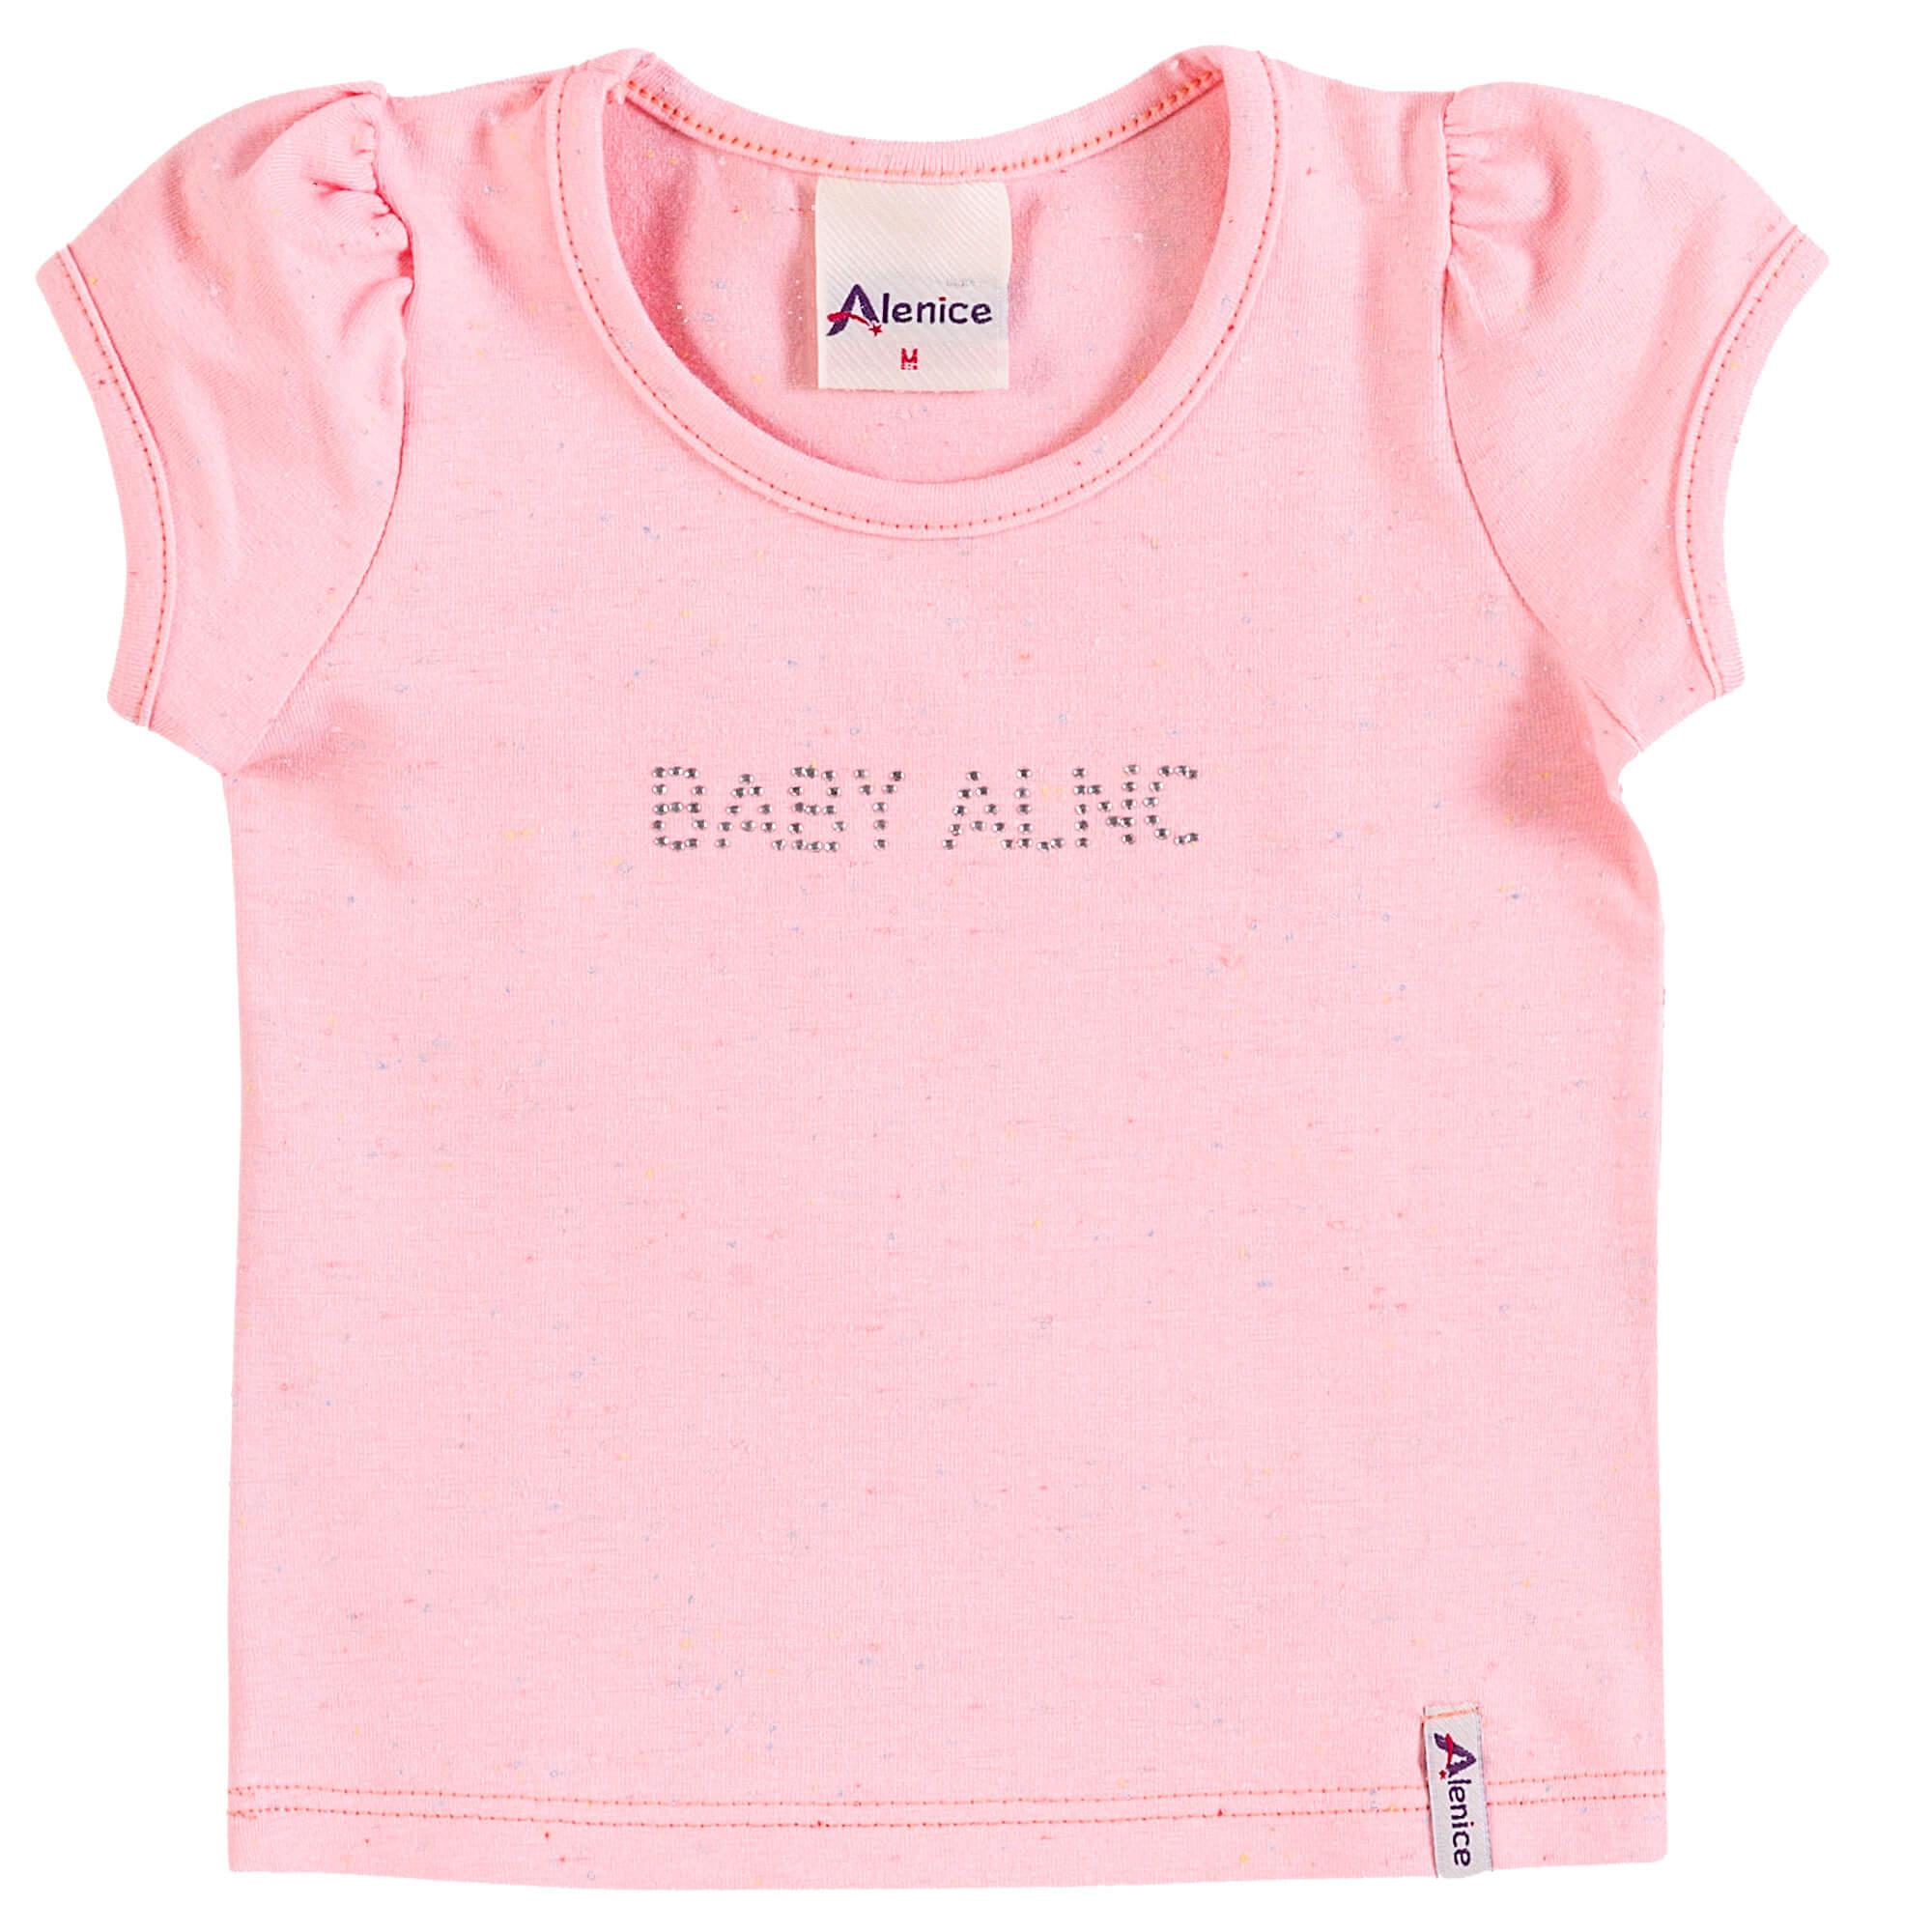 Blusa Meia Manga Alenice Baby ALNC - 1 ao 3